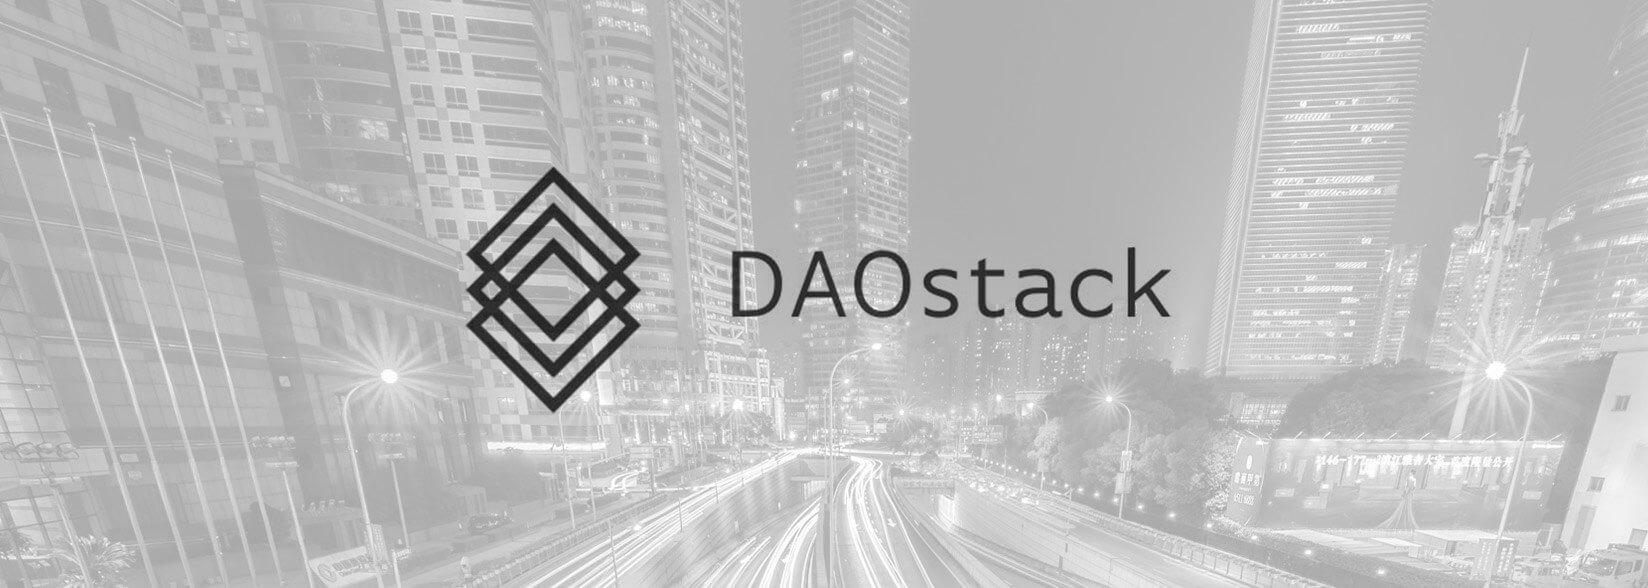 مشروع DAOstack